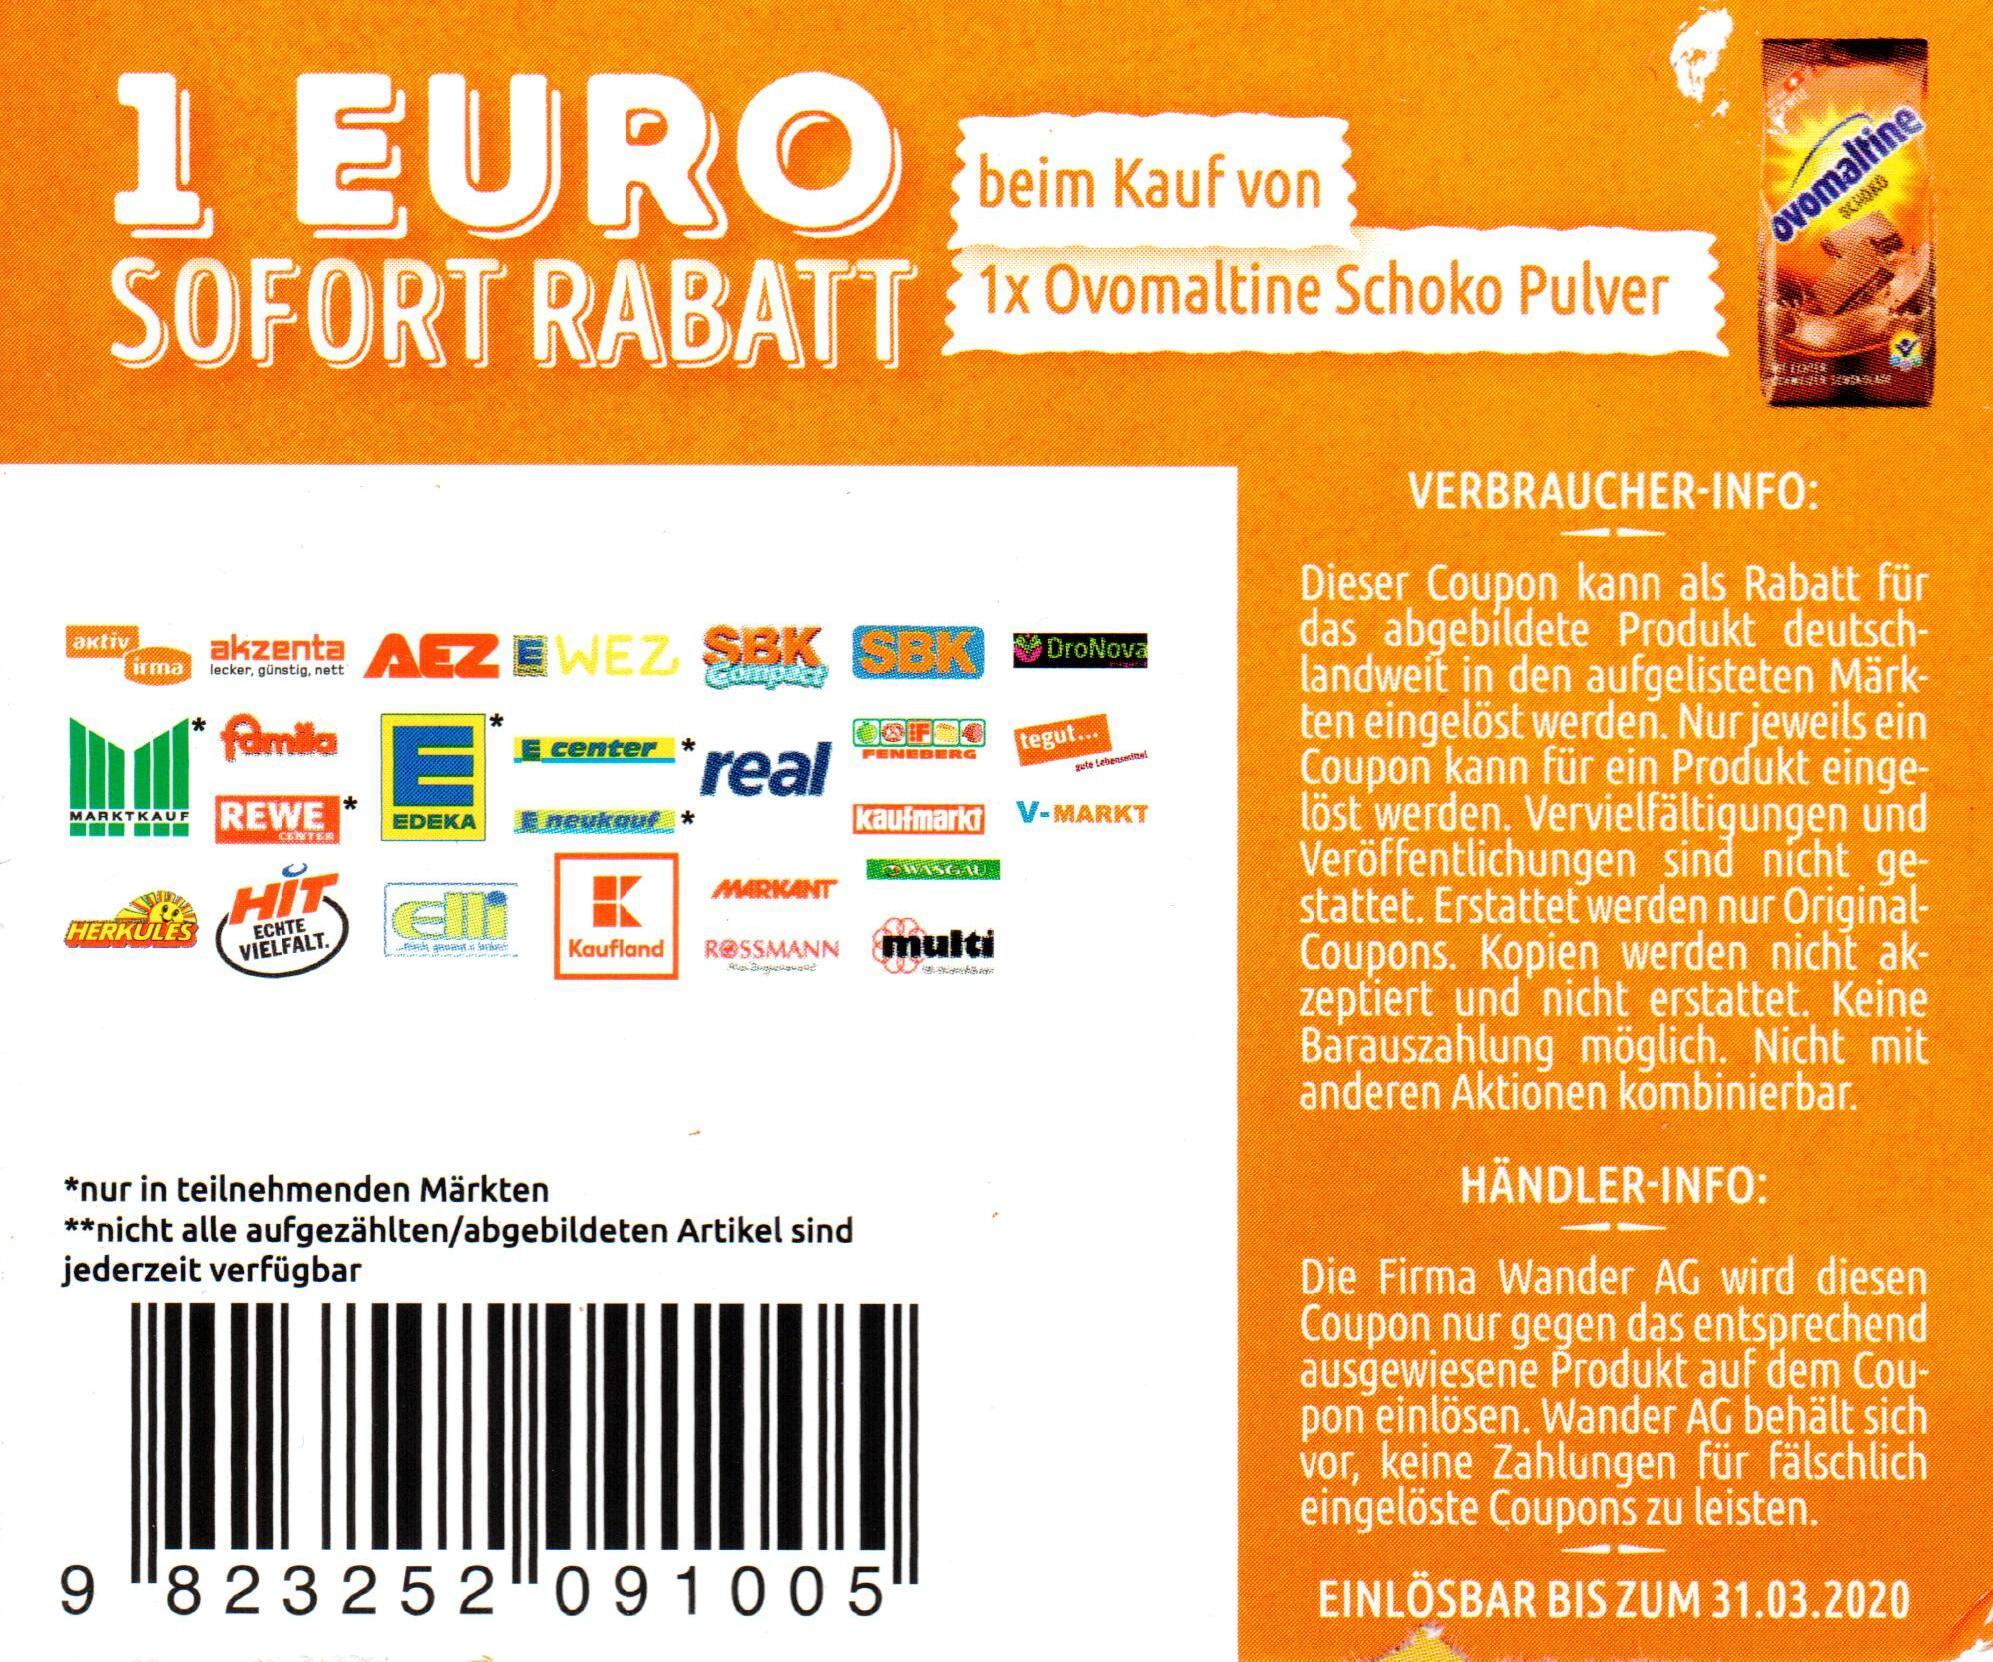 1€ Coupon für den Kauf von Ovomaltine Schoko Pulver oder Crunchy Cream bis 31.03.2020